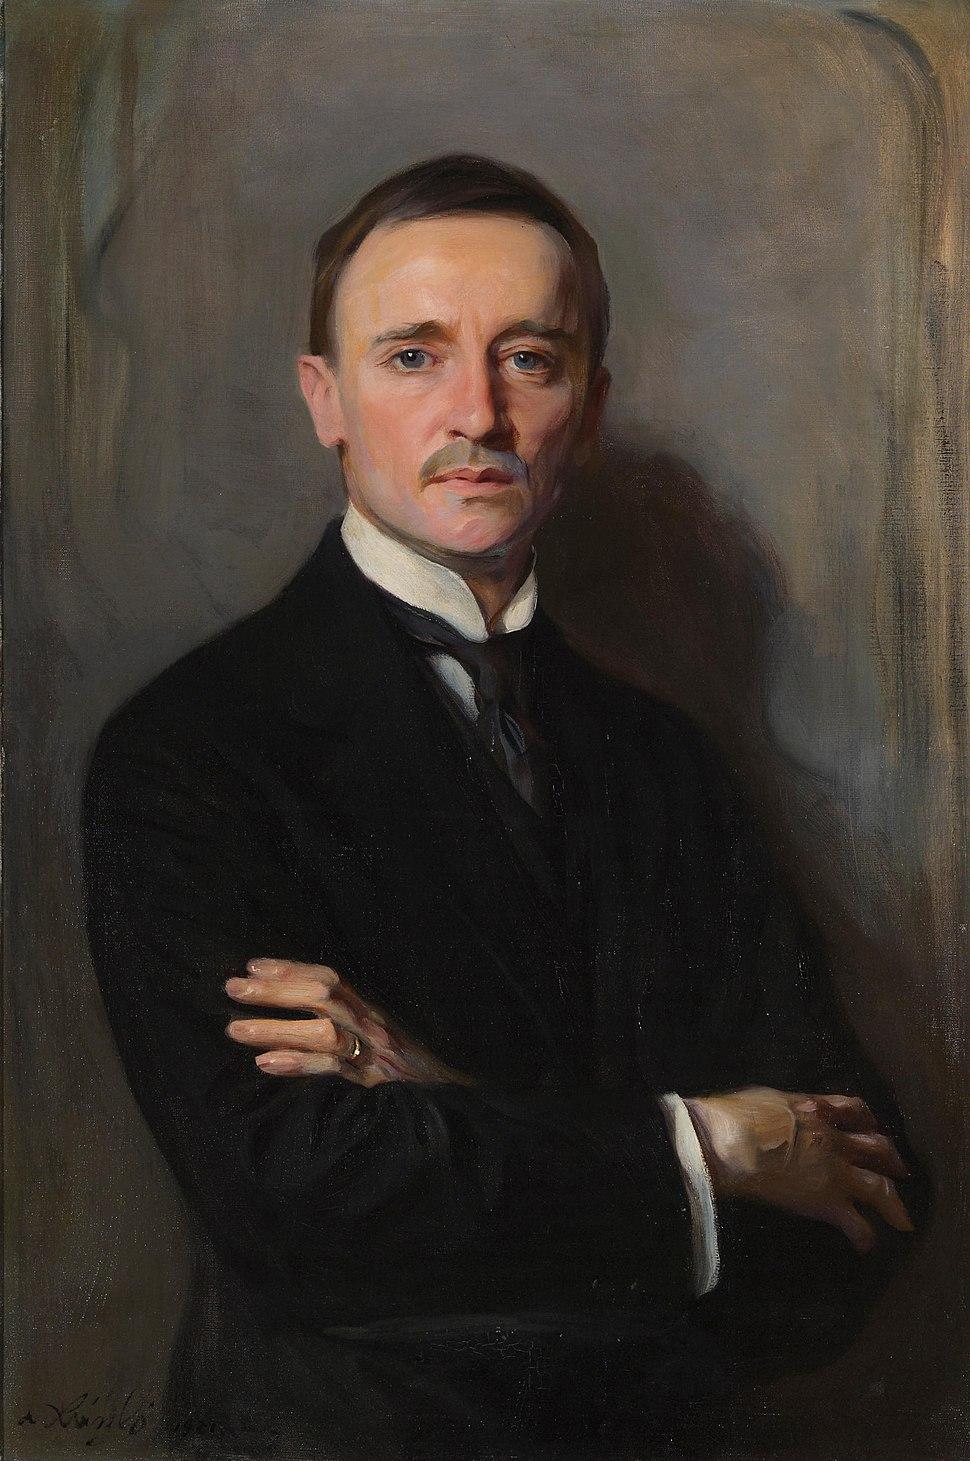 William Richards Castle Jr (1878-1963), by Philip de László (1869-1937)